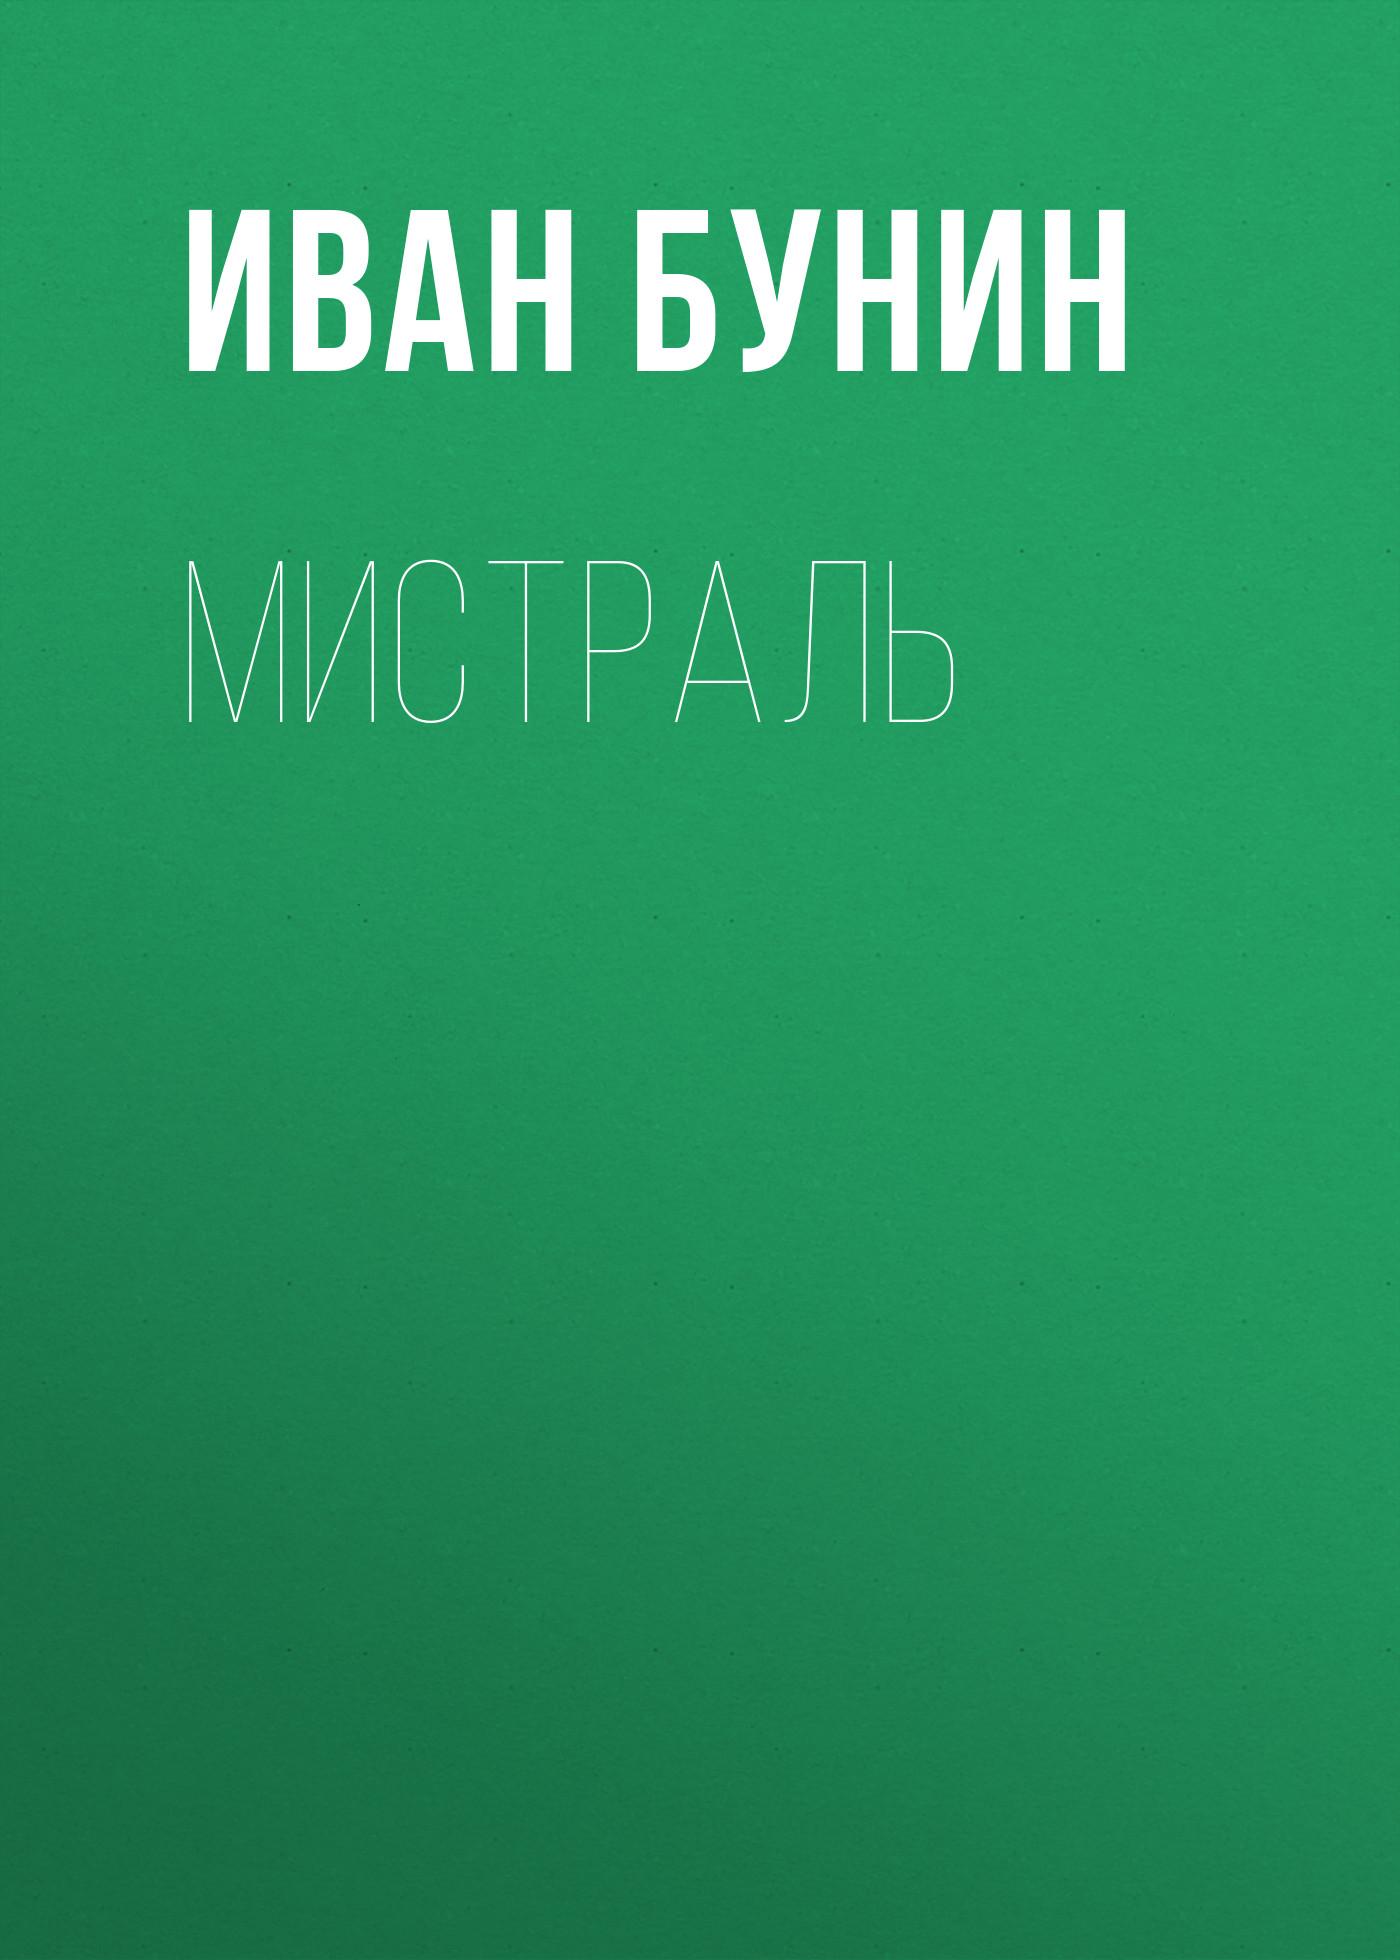 Иван Бунин Мистраль мистраль крупа перловая барли 500 г